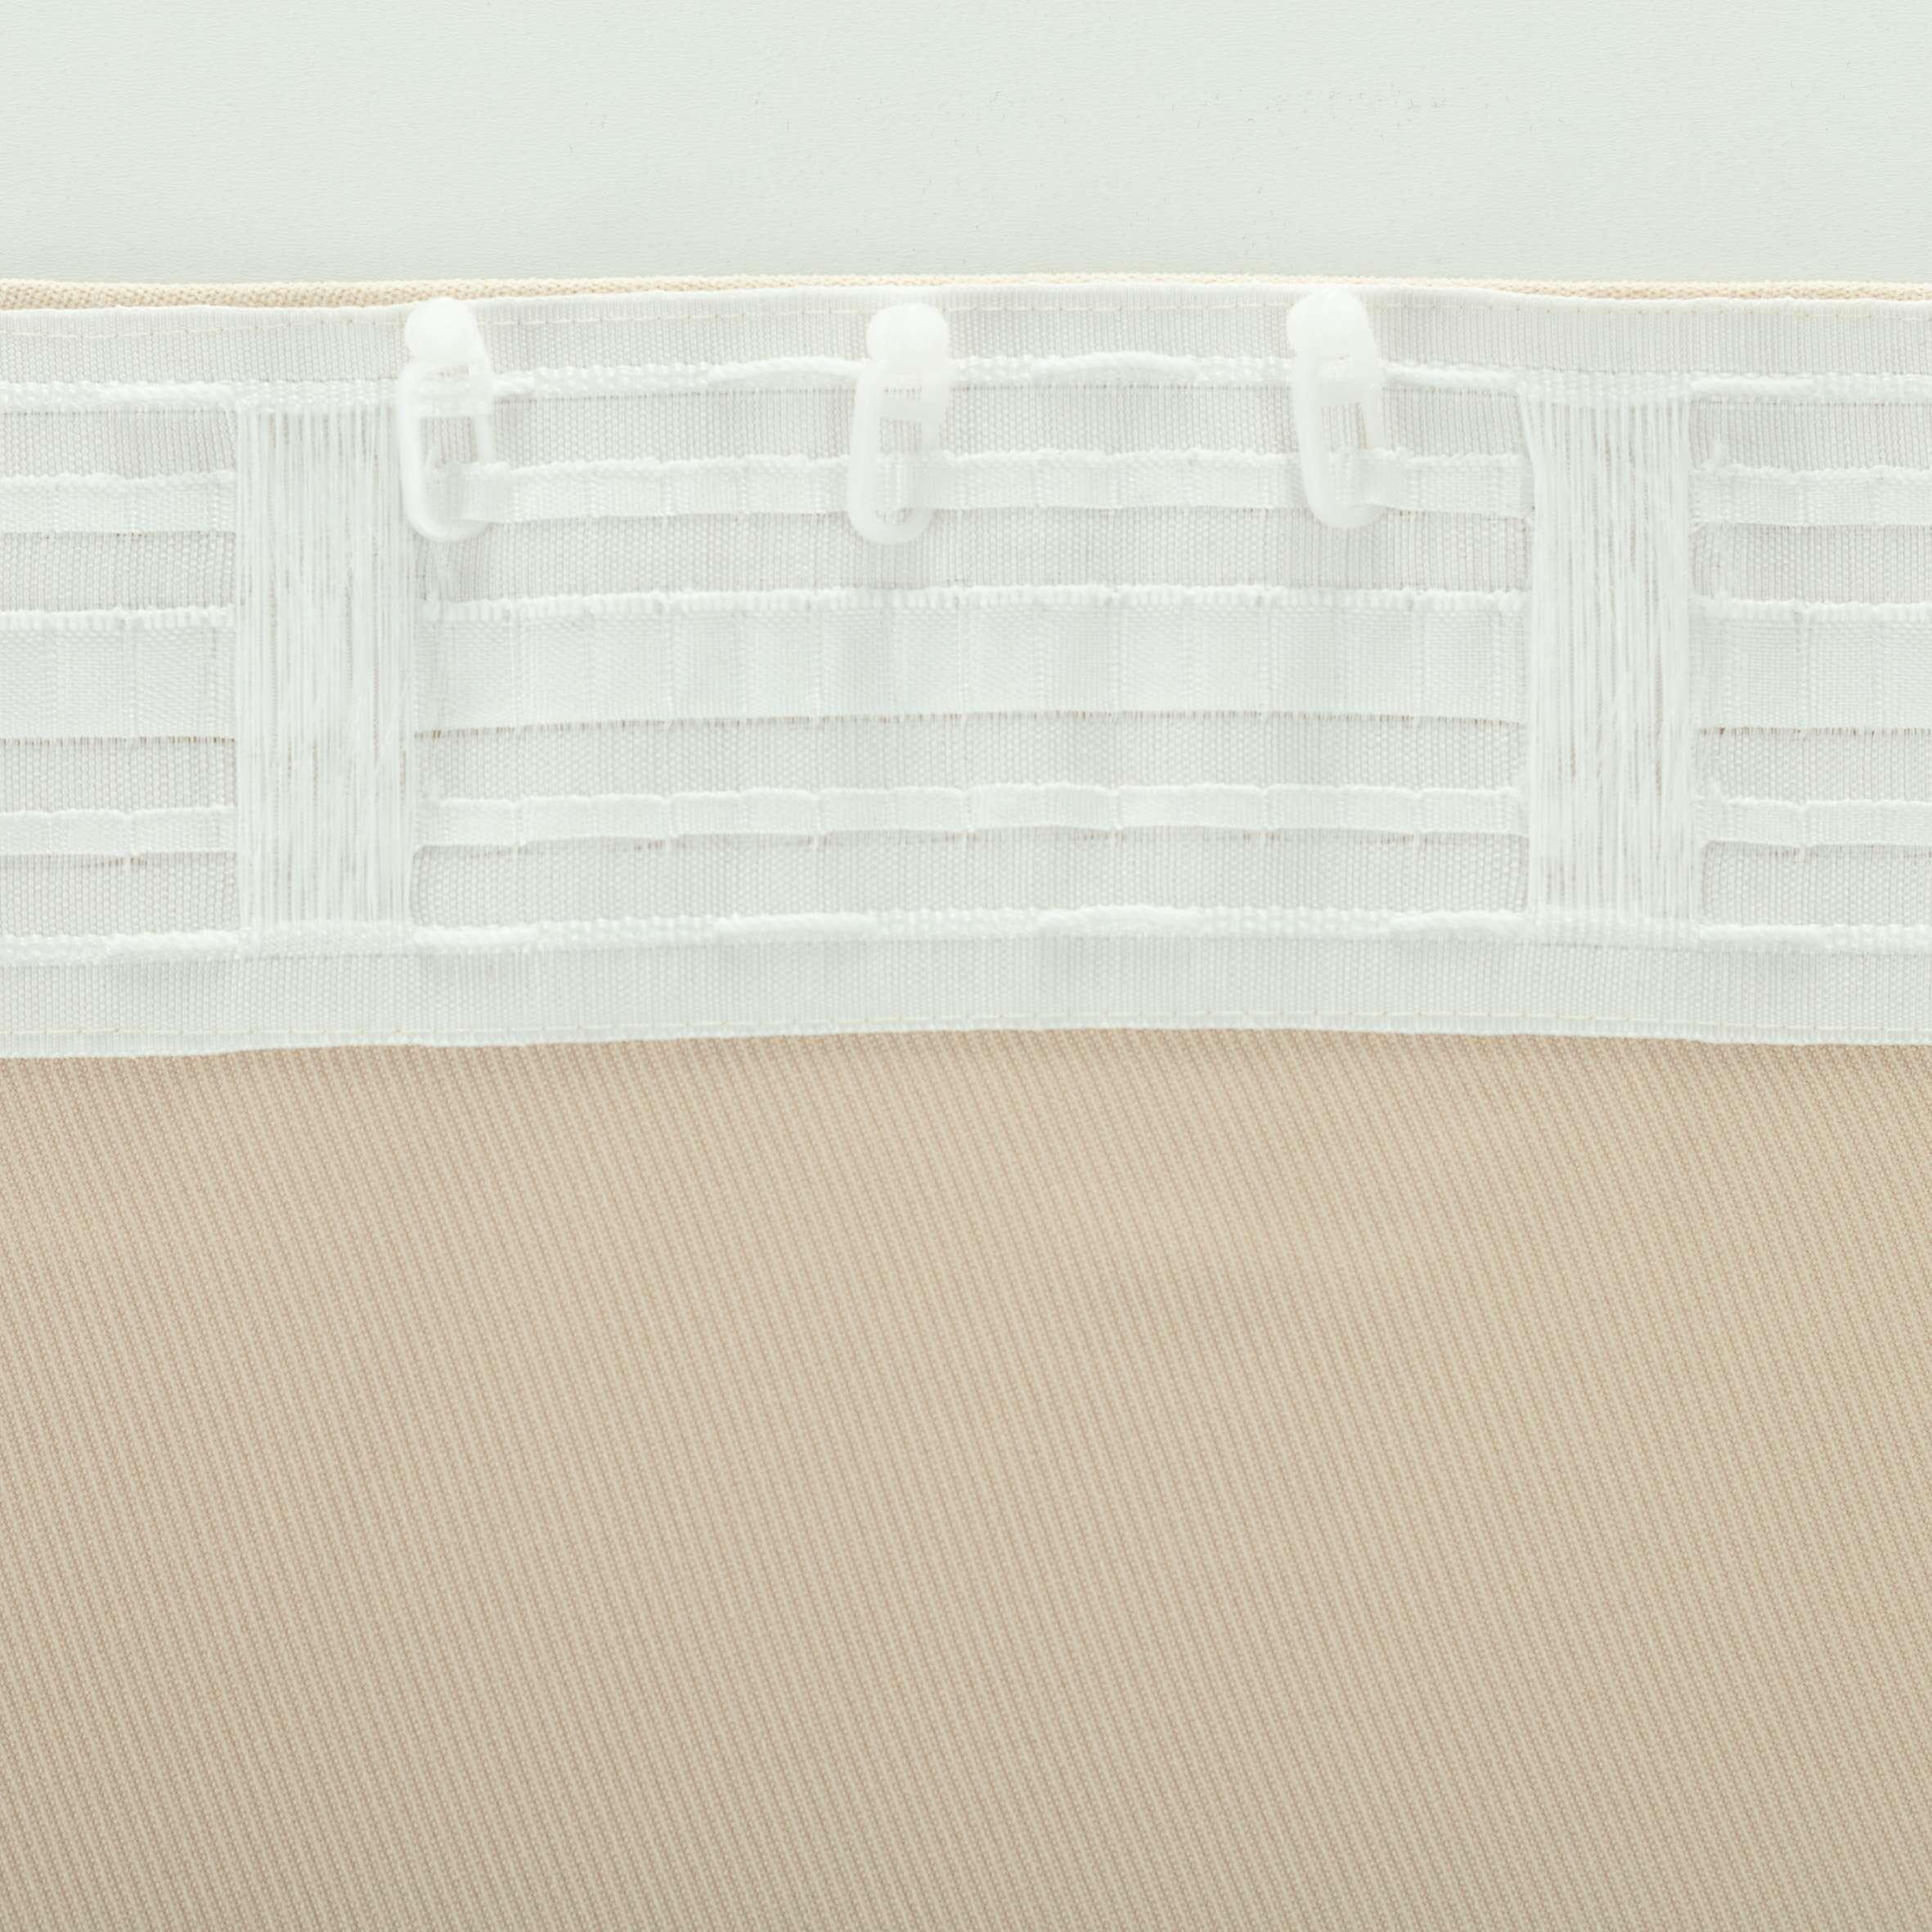 Zasłona BASIC na taśmie marszczącej 140x260cm jasnopiaskowy szenil 1 szt.